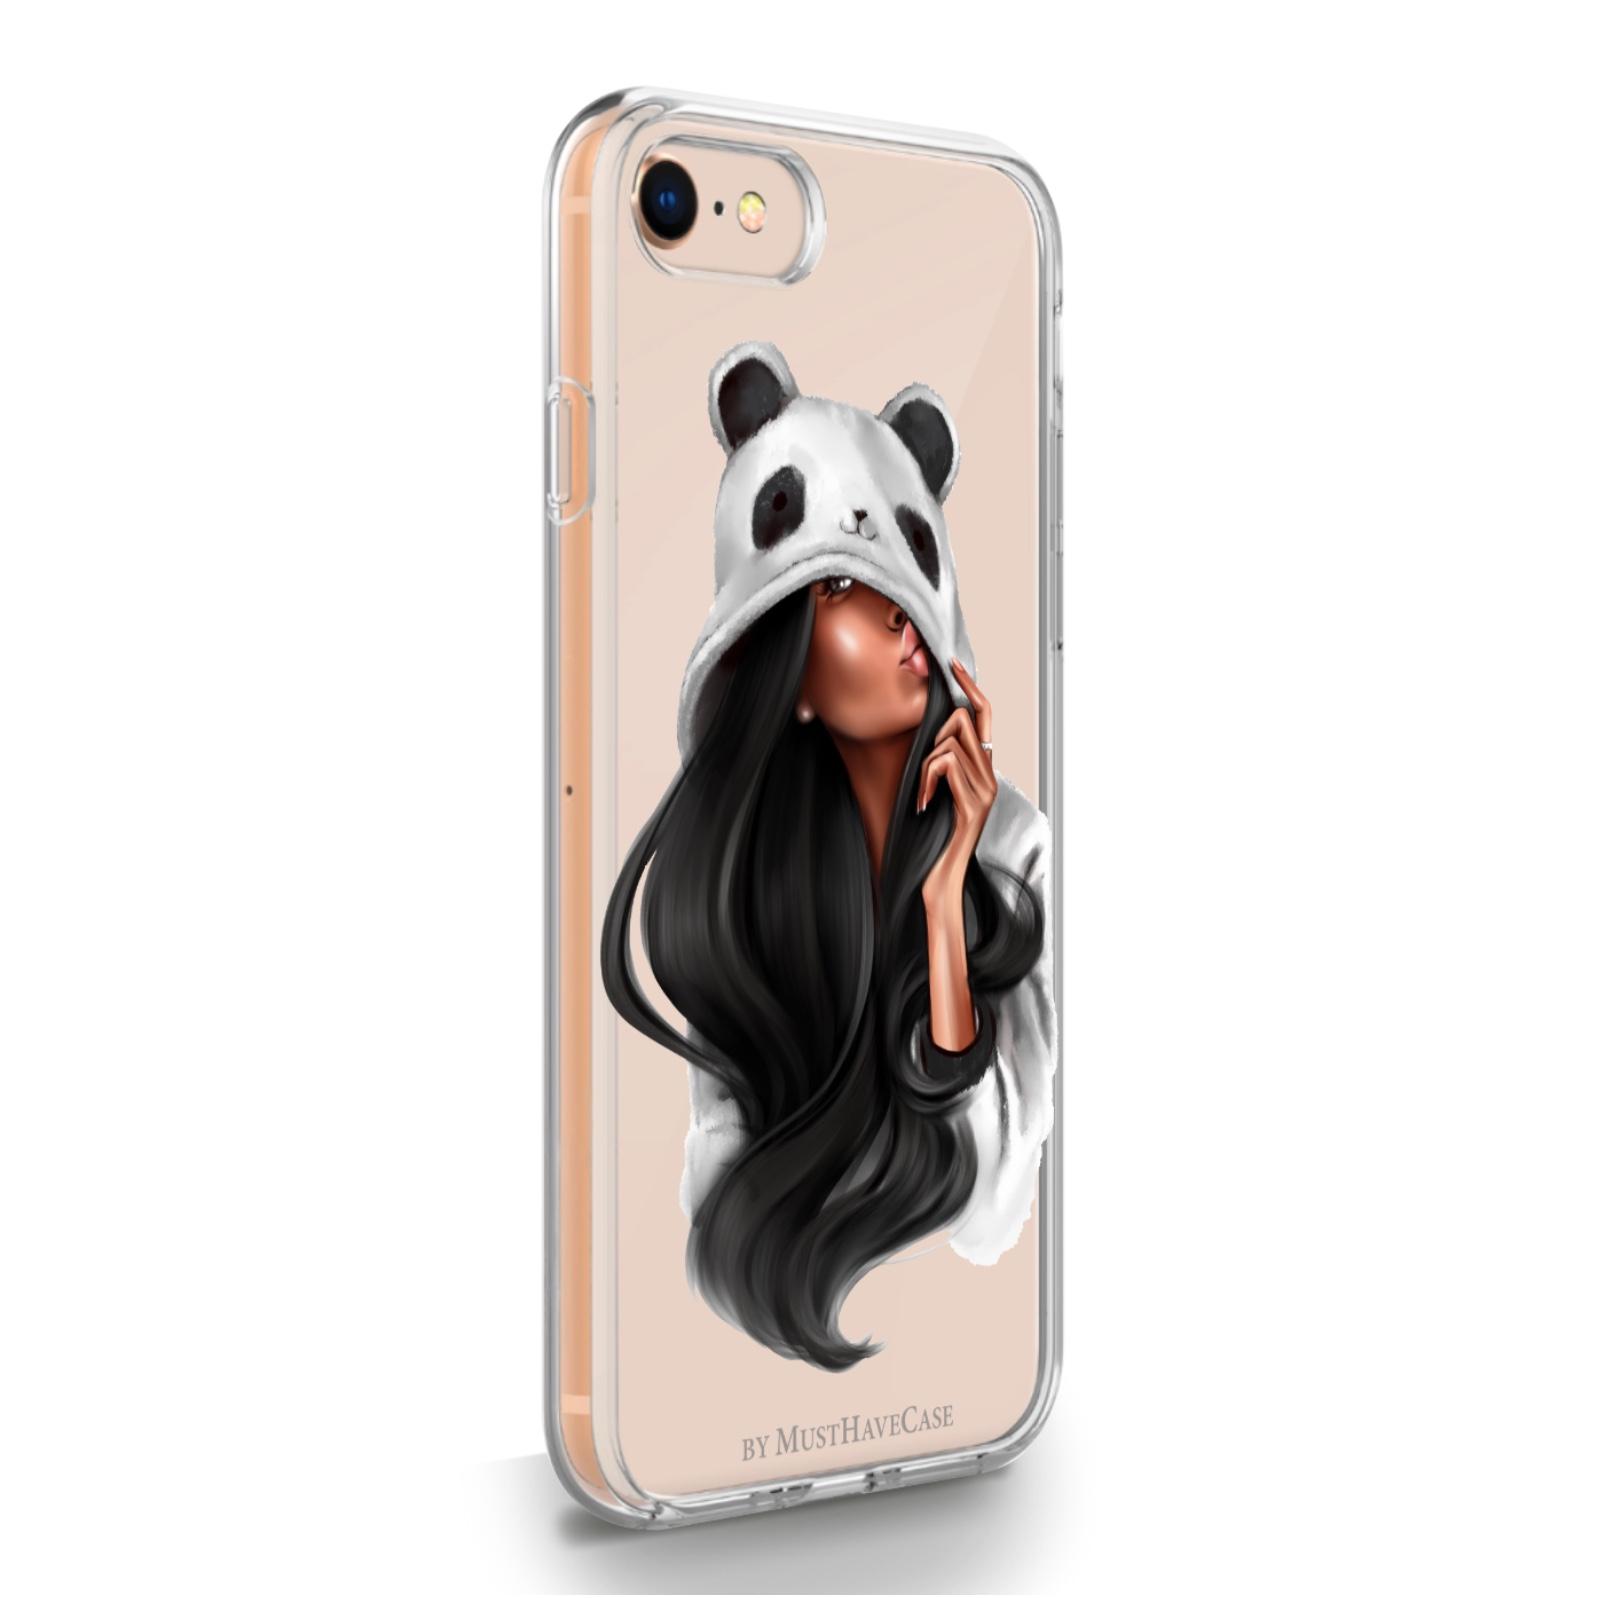 Прозрачный силиконовый чехол для iPhone 7/8/SE2020 Panda Girl для Айфон 7/8/СЕ2020 Панда